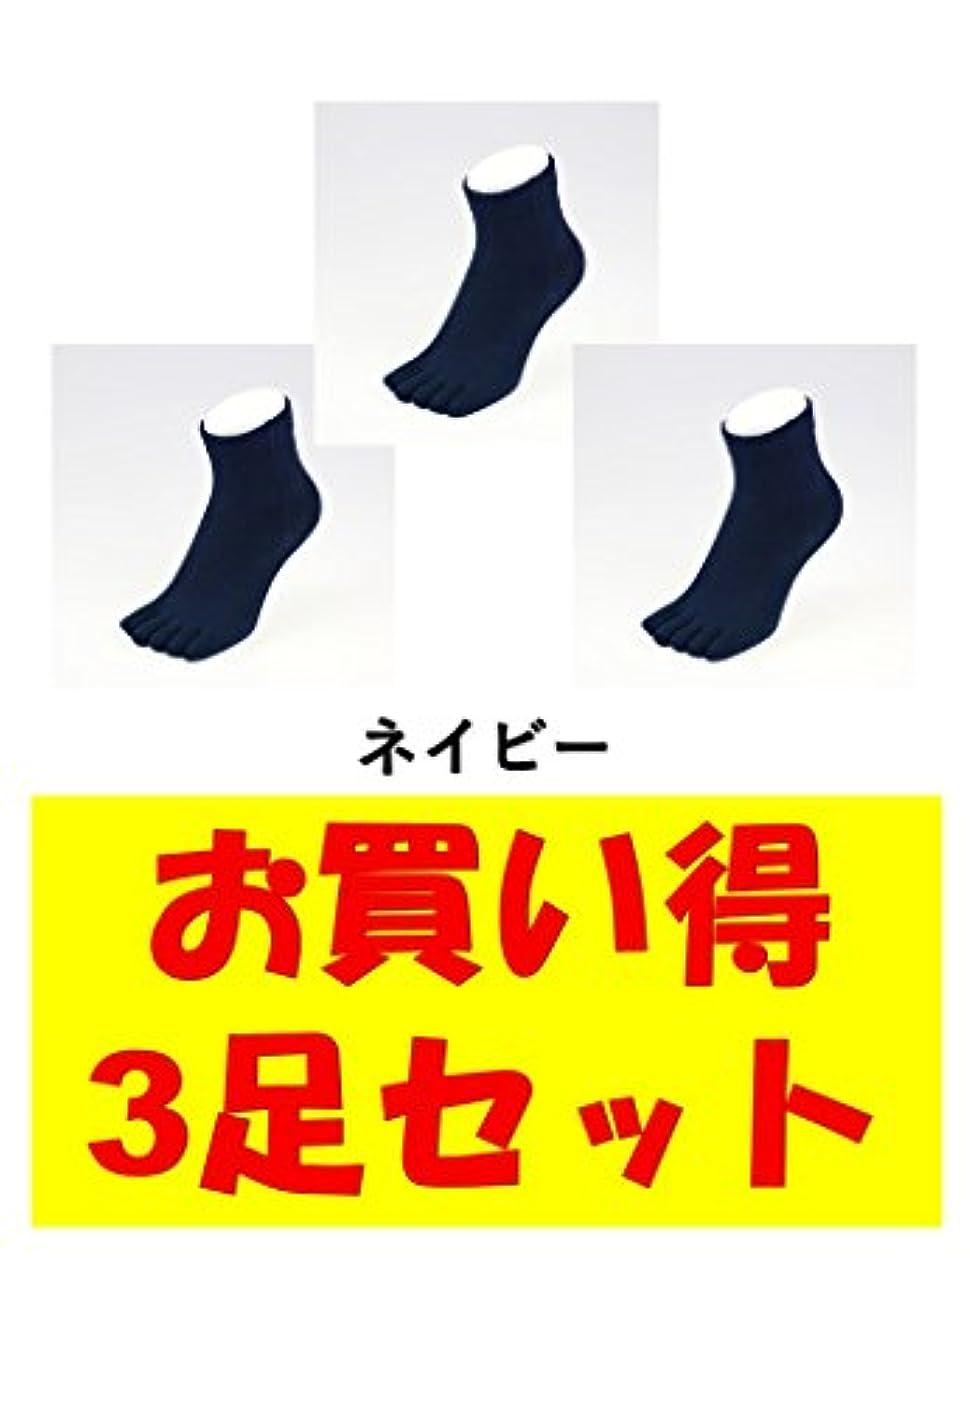 マントル精算同盟お買い得3足セット 5本指 ゆびのばソックス Neo EVE(イヴ) ネイビー Sサイズ(21.0cm - 24.0cm) YSNEVE-NVY